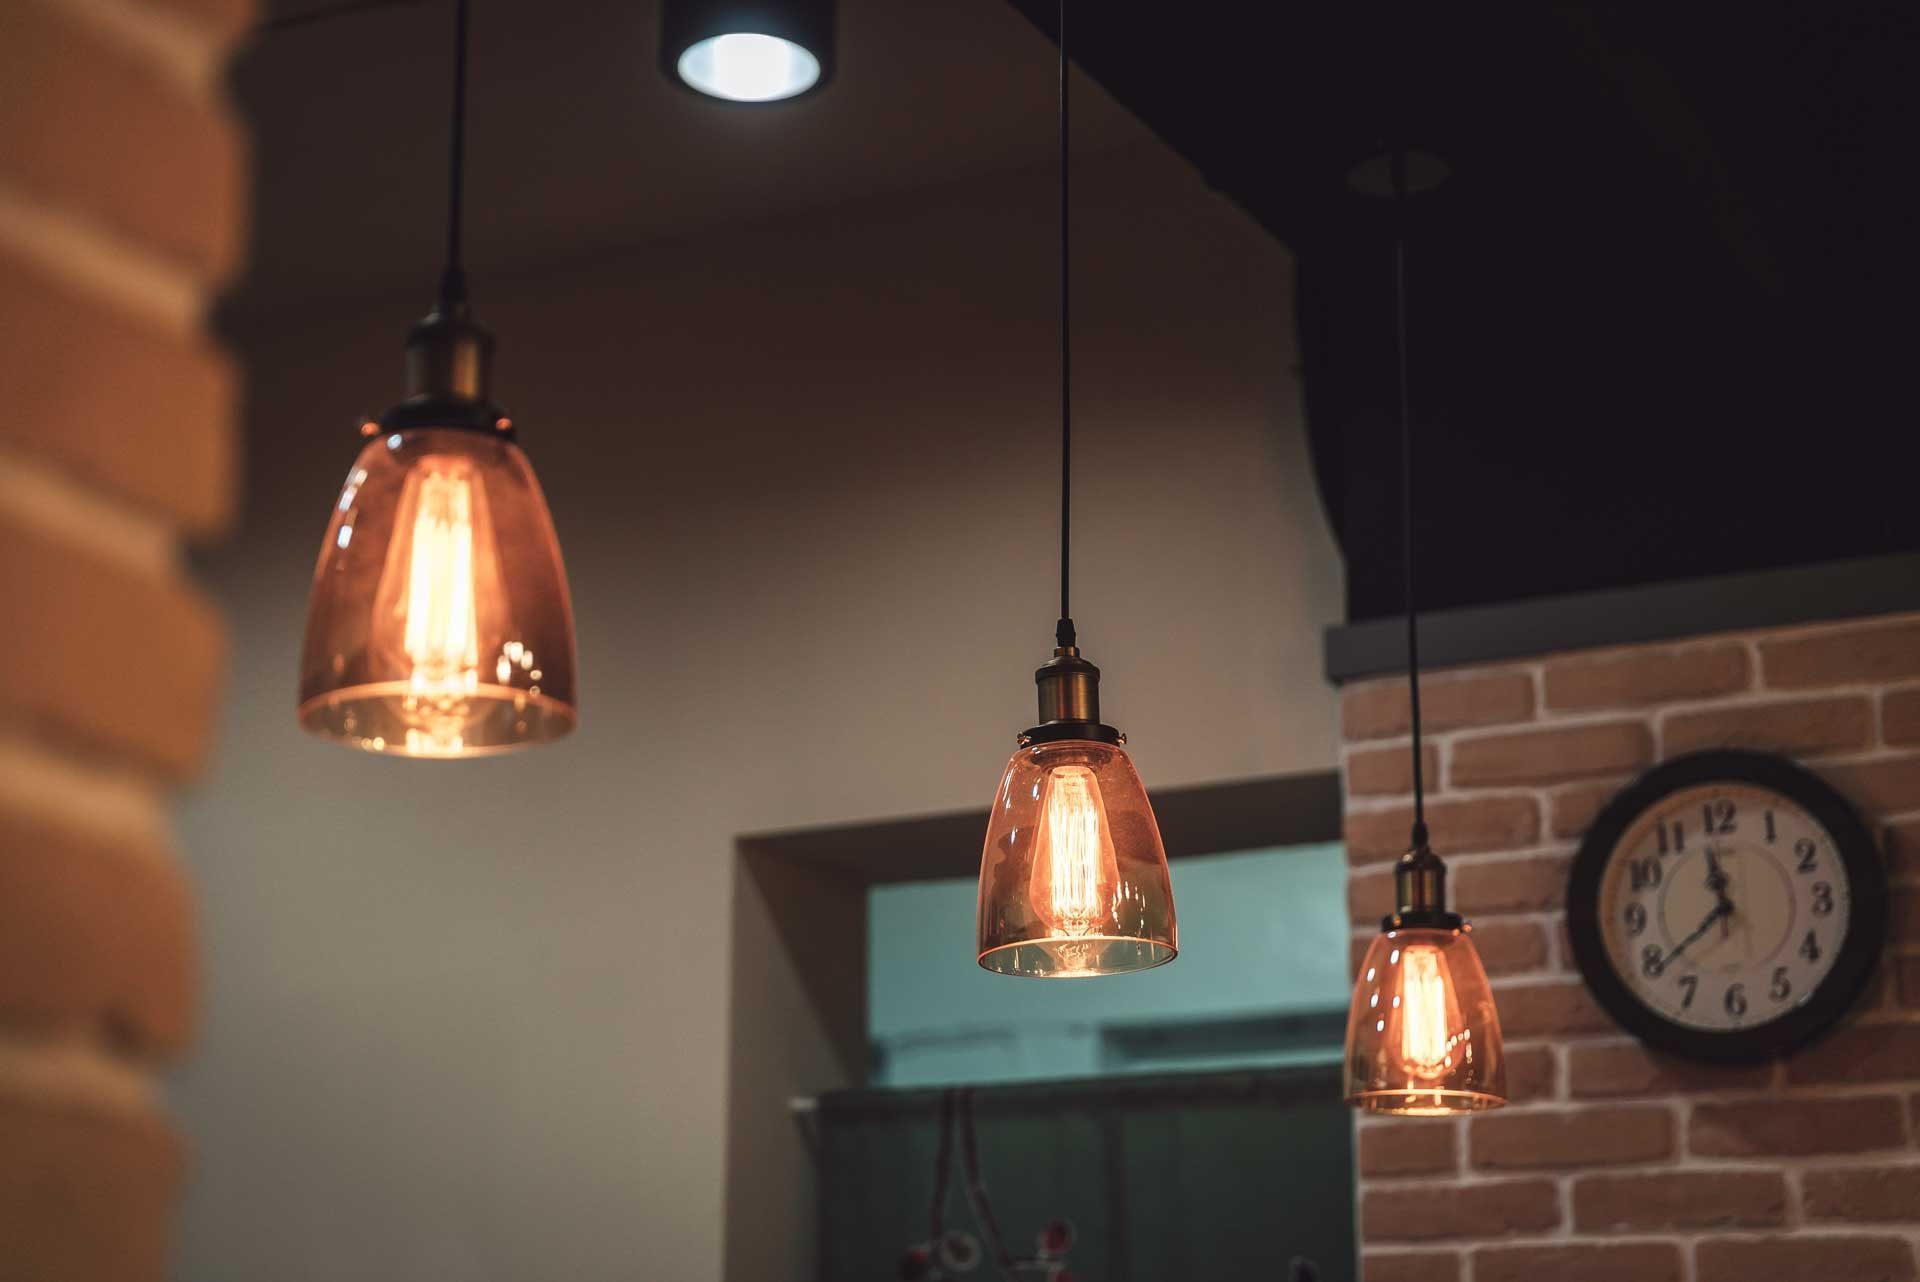 工業風吊燈,安裝在櫃檯上方,營造出咖啡廳的舒適氛圍,即使到了冬季改賣熱飲,氣氛也相當合適